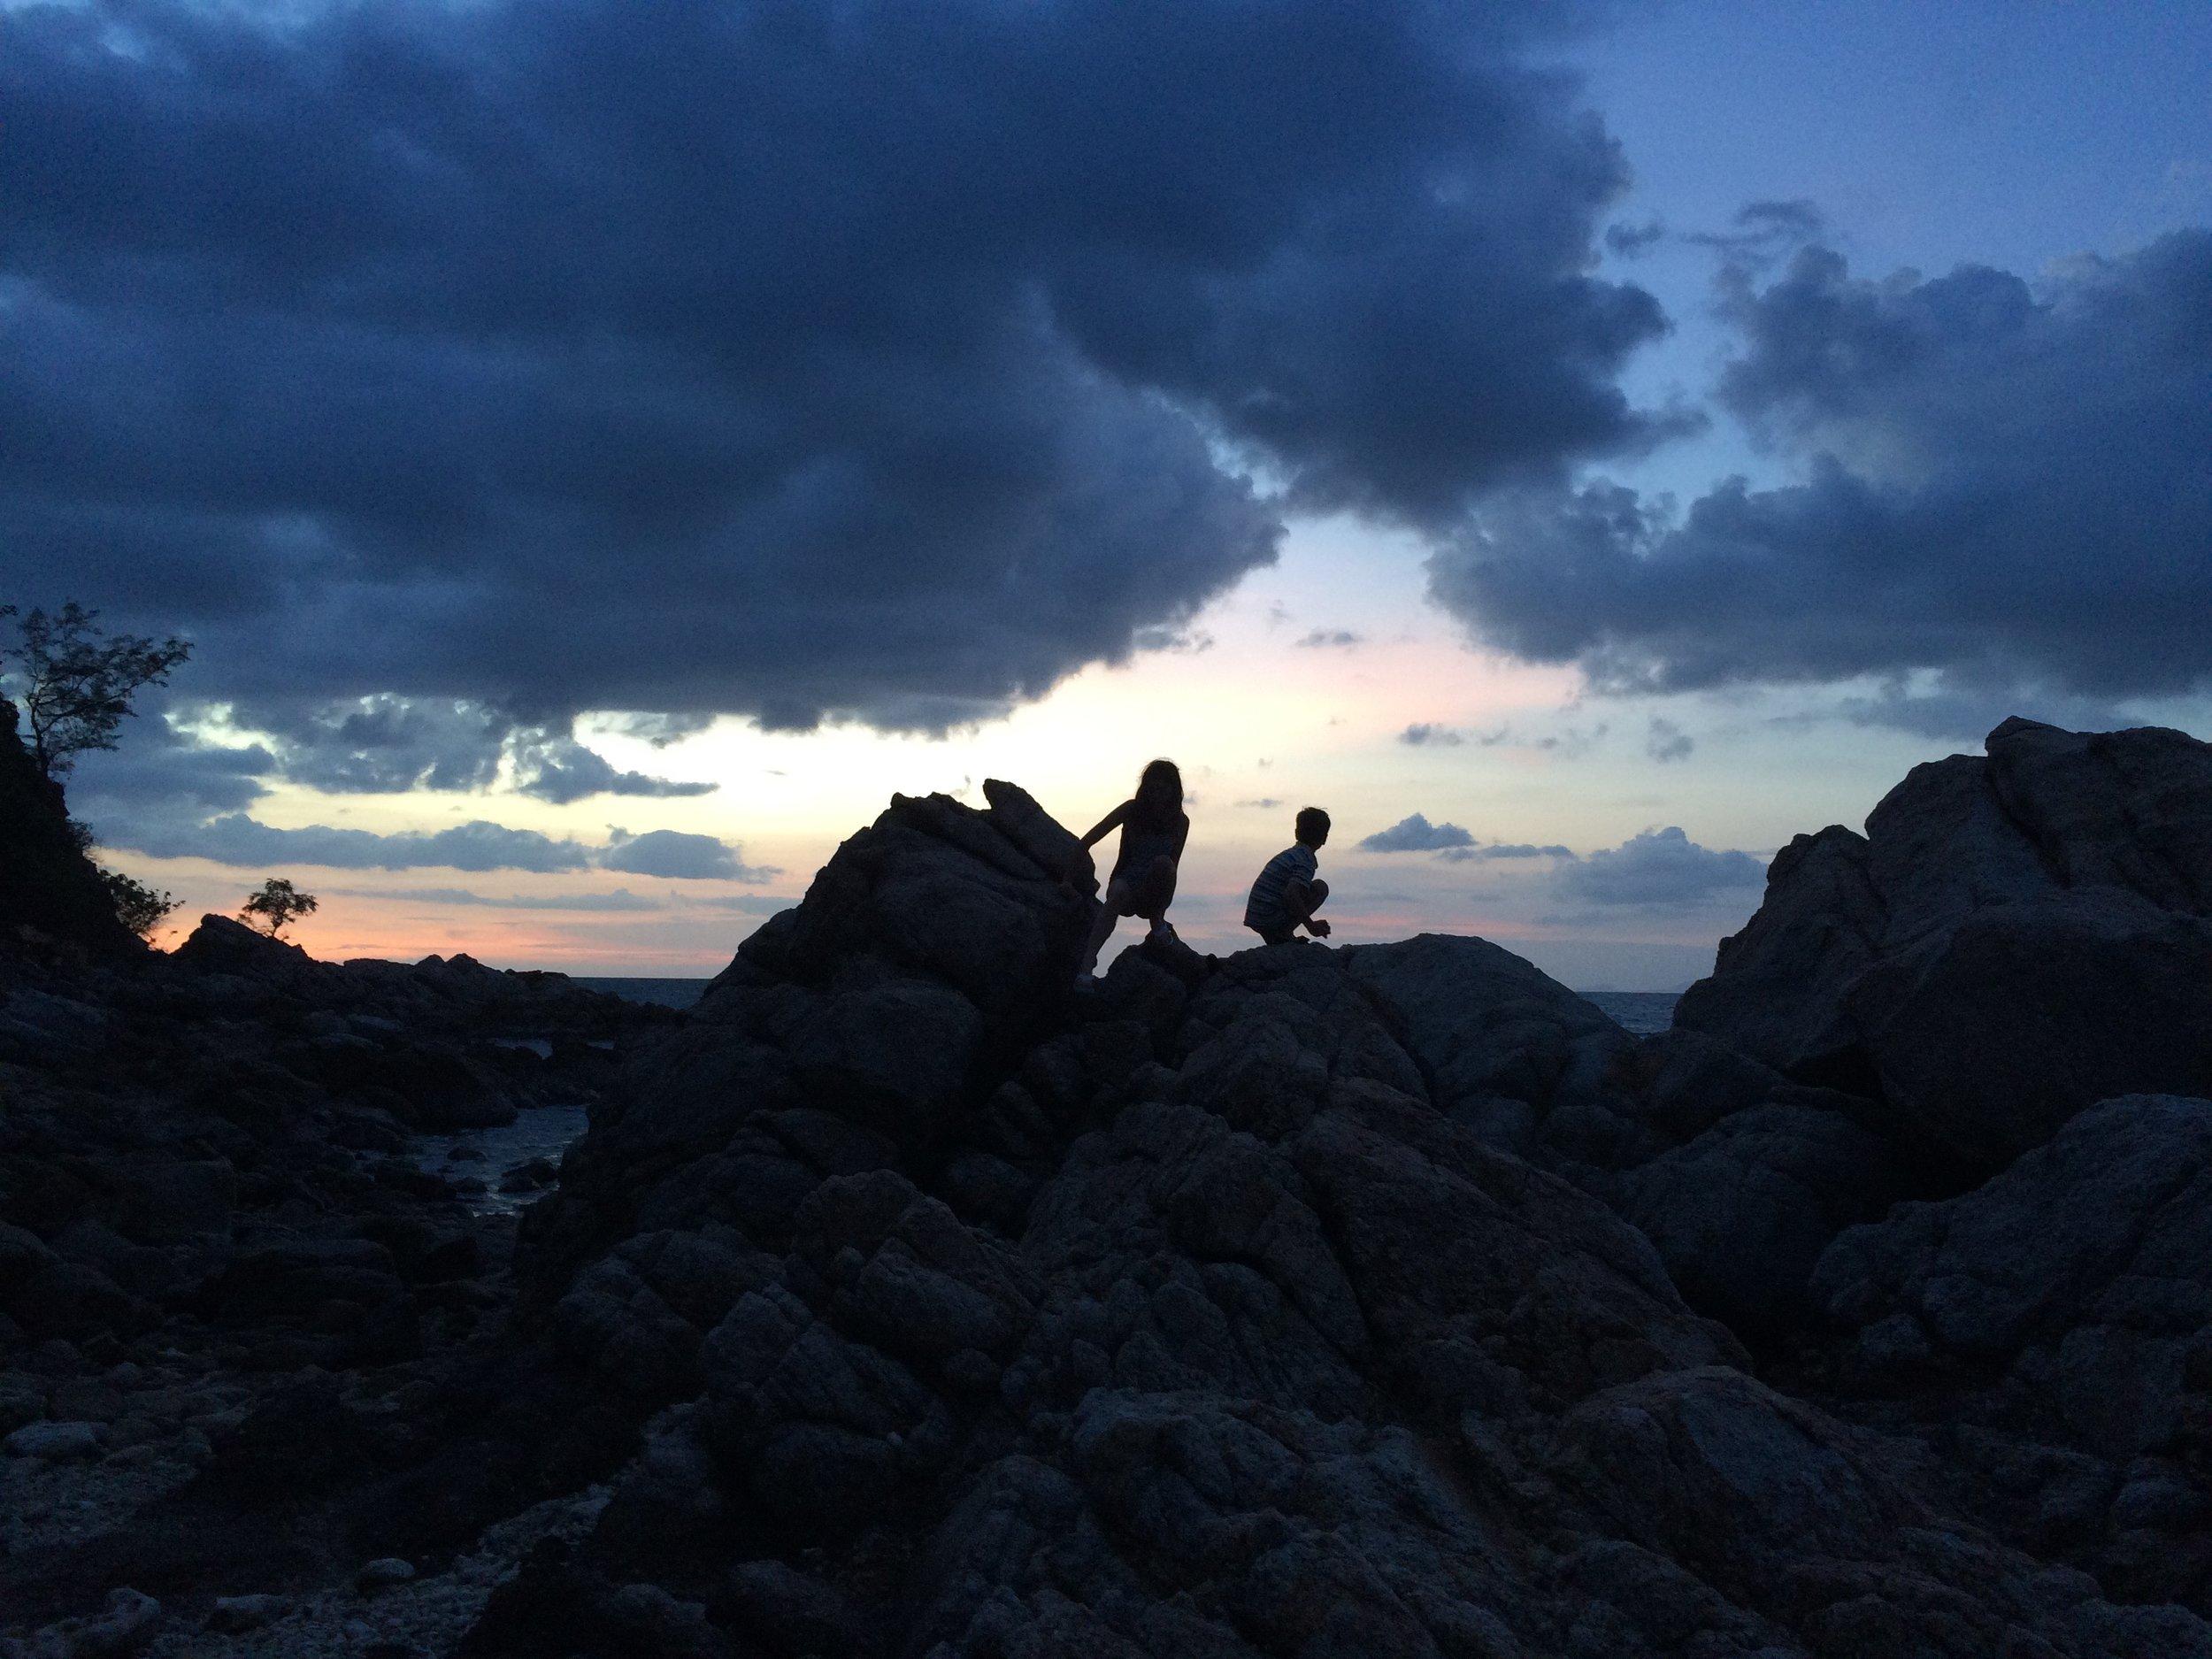 Climbing rocks in Koh Phangan